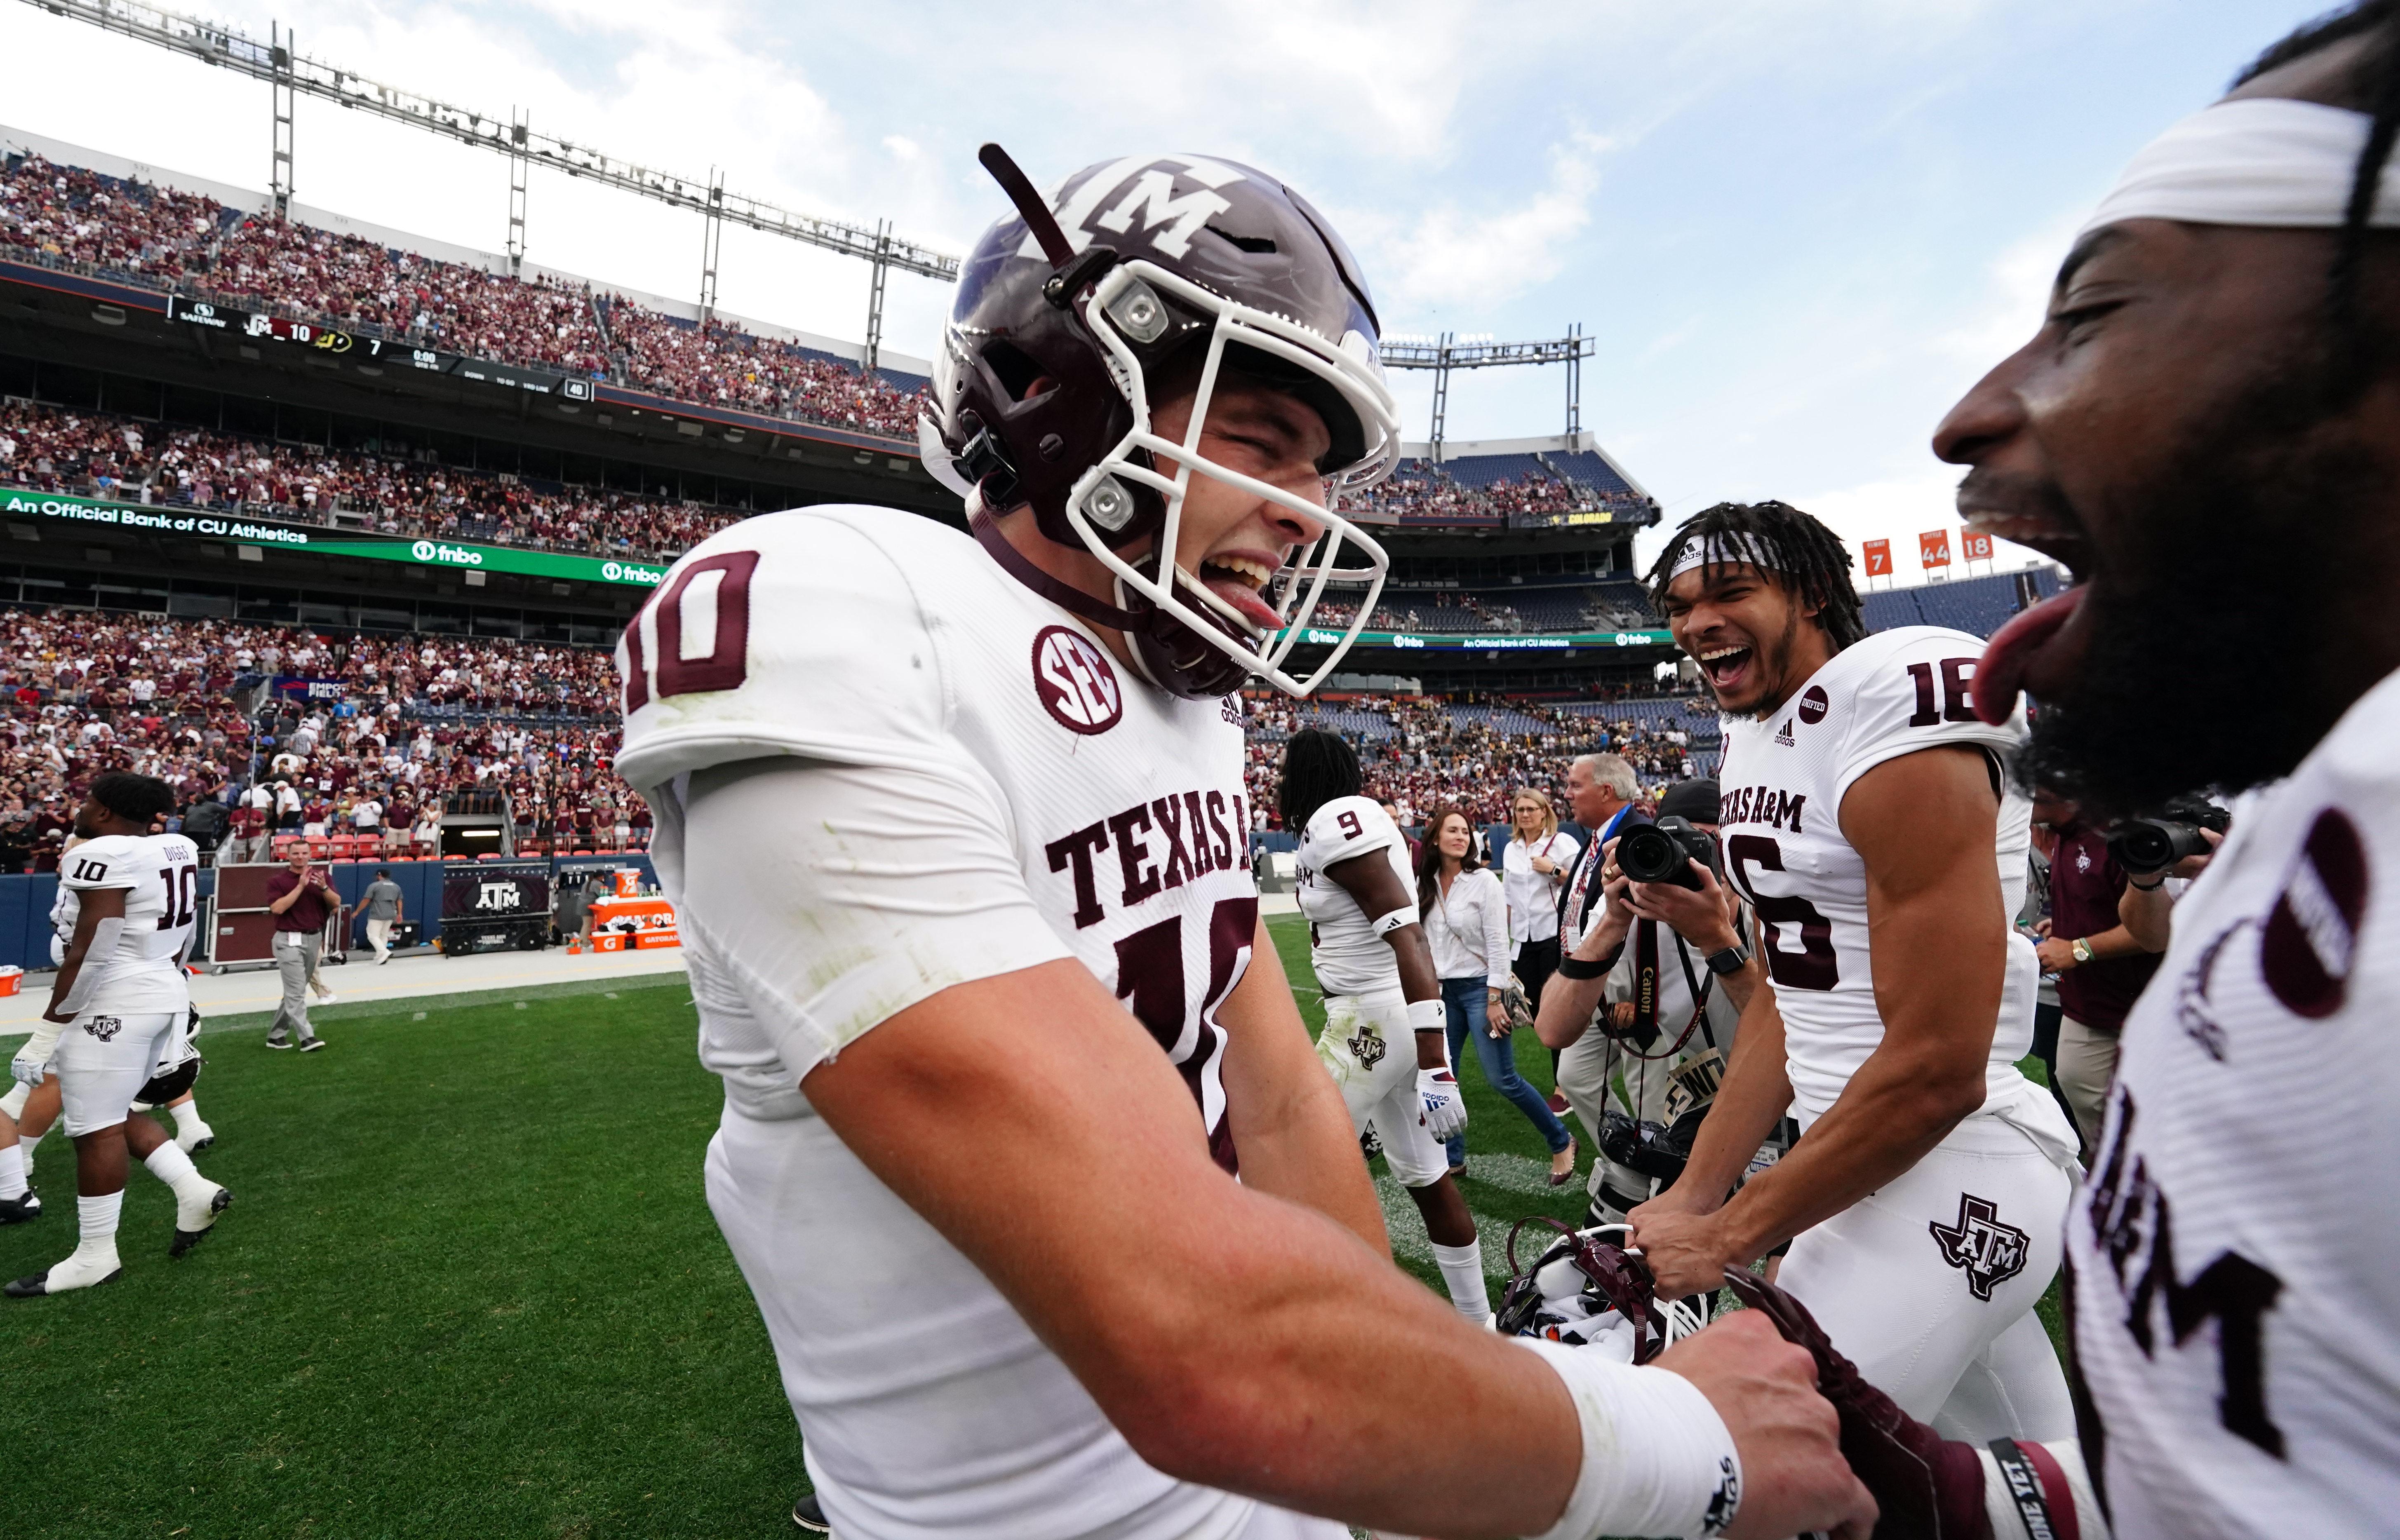 NCAA Football: Texas A&M at Colorado